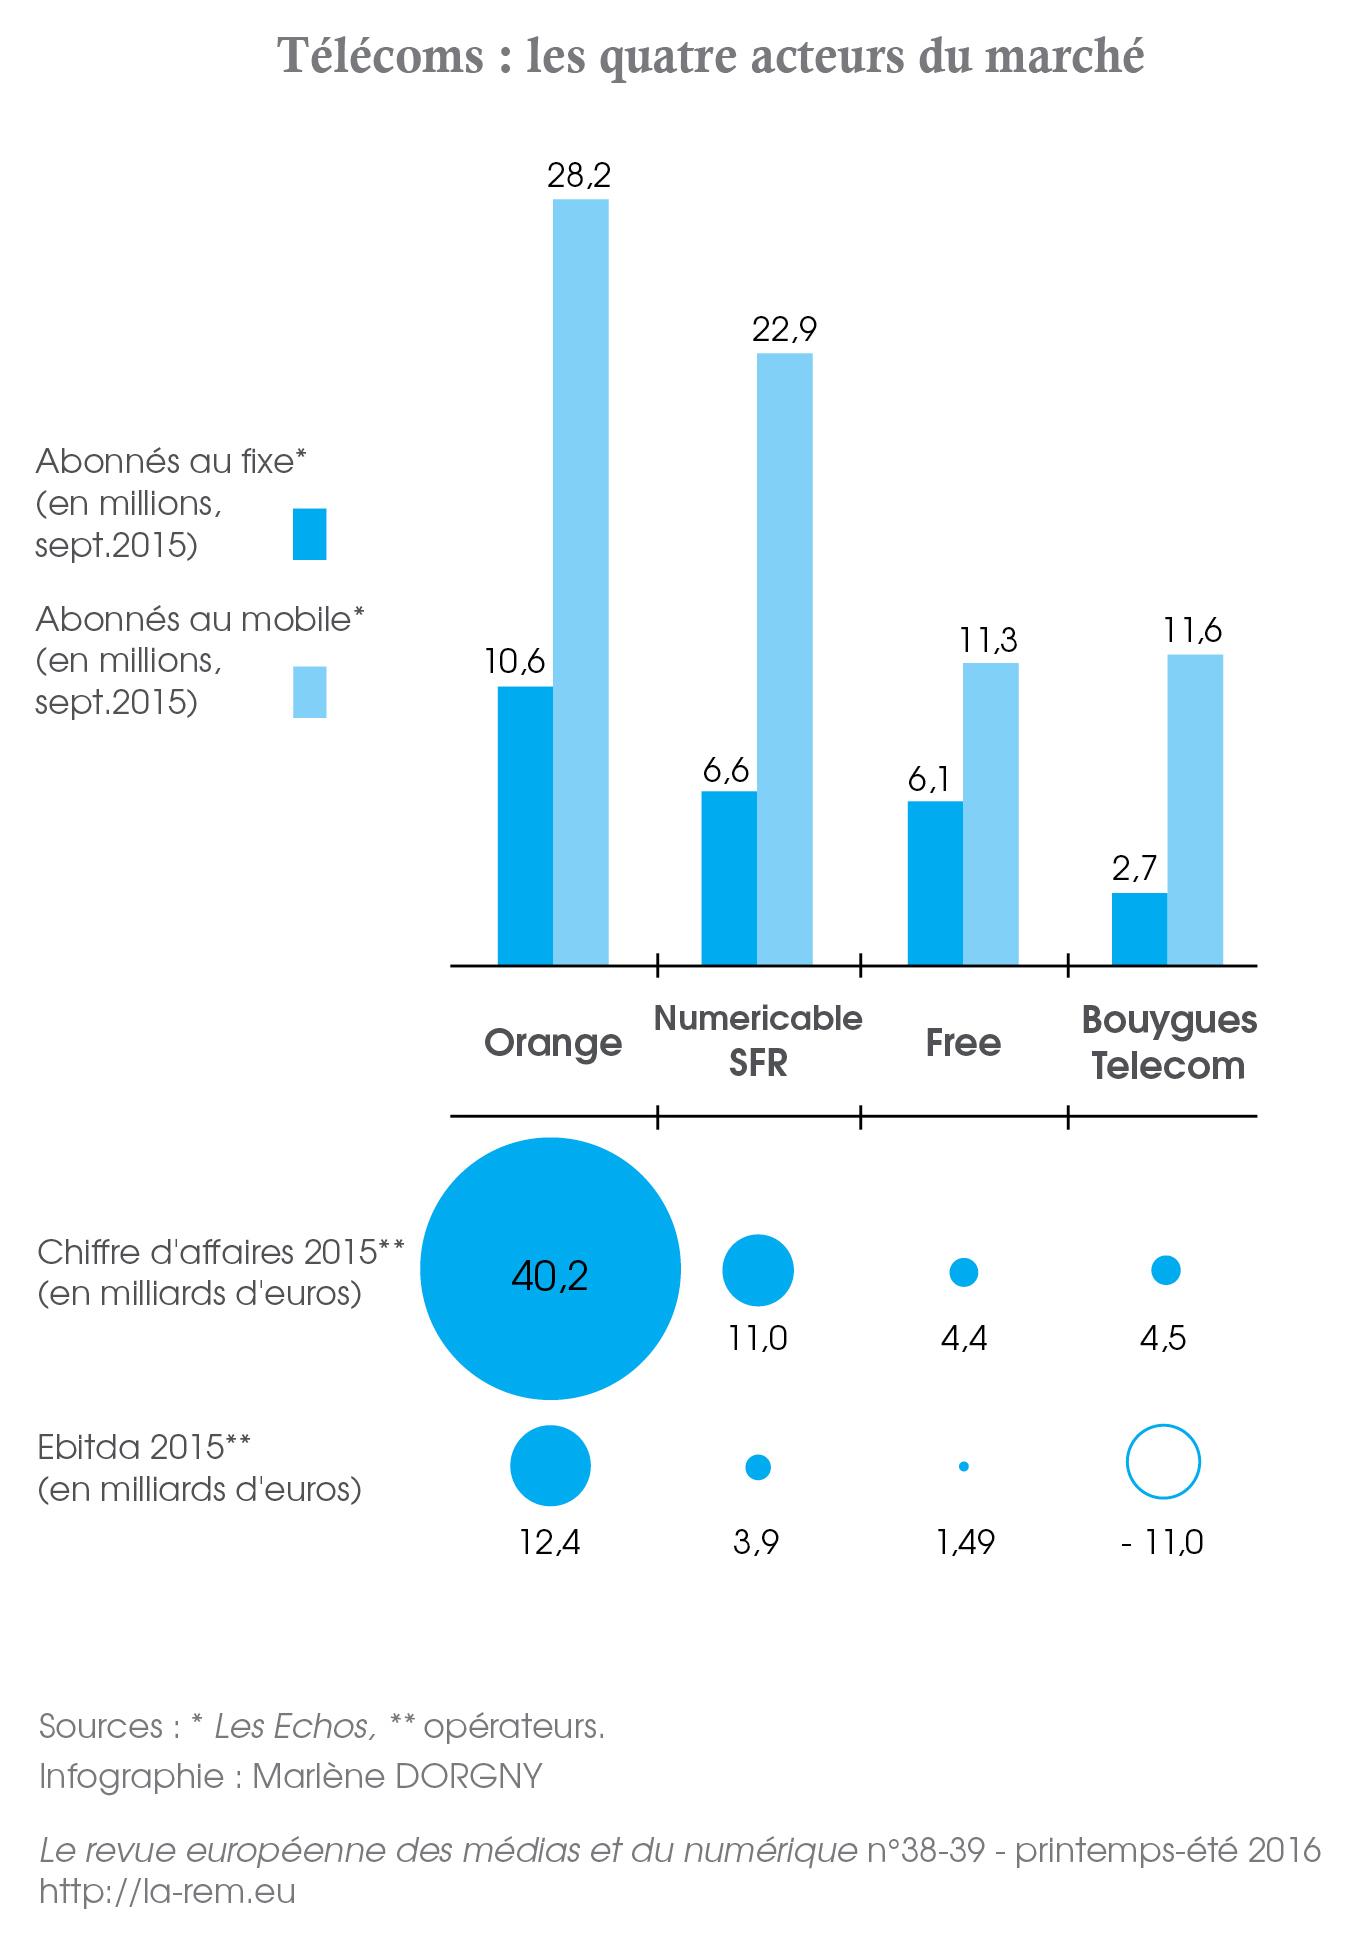 Télécoms les quatre acteurs du marché Orange, Numericable-SFR, Free, Bouygues Telecom